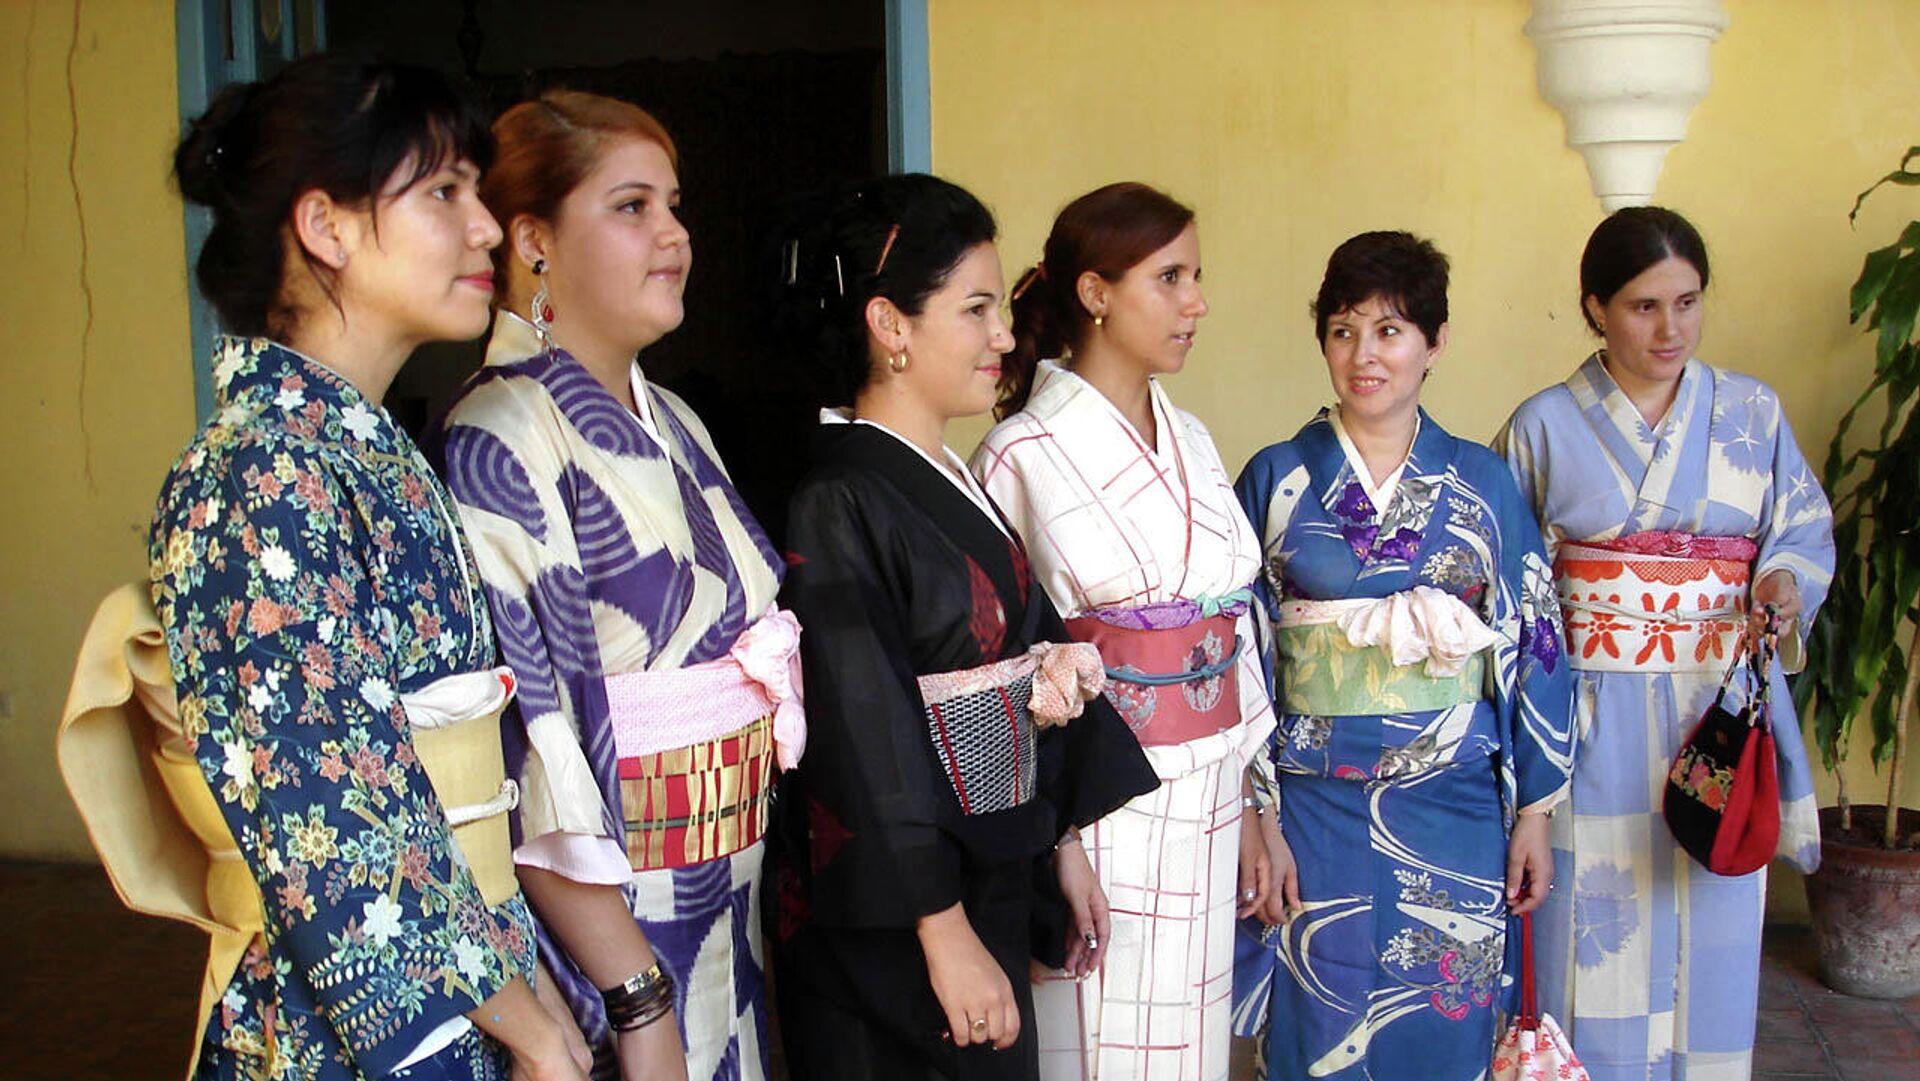 Desfile de kimonos y ropa tradicional japonesa, Día de la Cultura de Japón, Casa de la Obrapía, La Habana.  - Sputnik Mundo, 1920, 15.03.2021